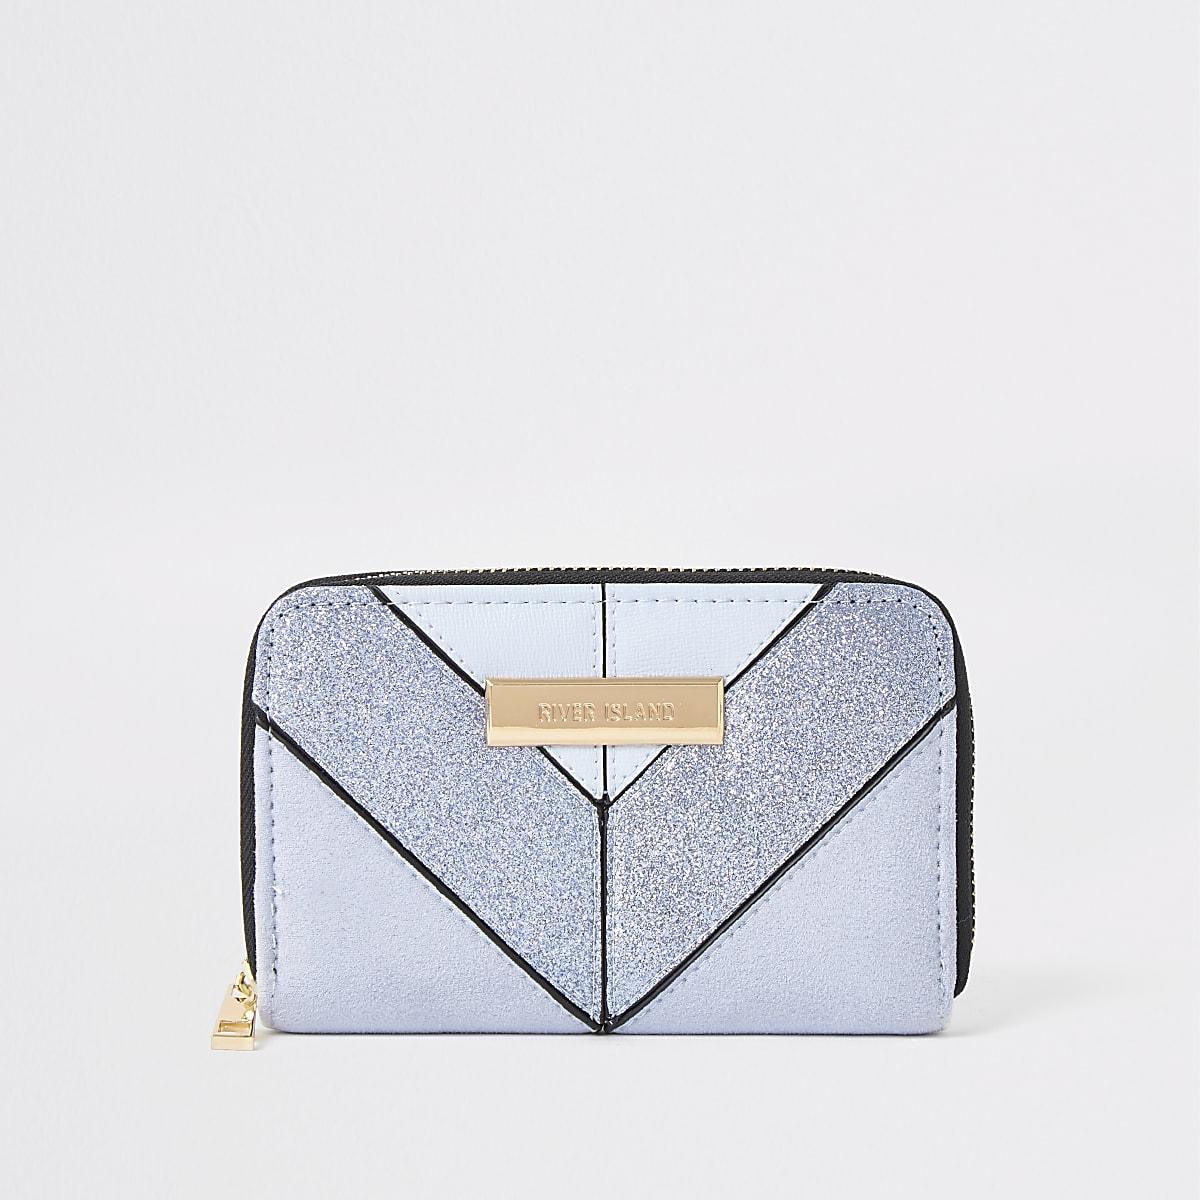 Hellblaue Mini-Geldbörse mit Glitzer und Reißverschluss